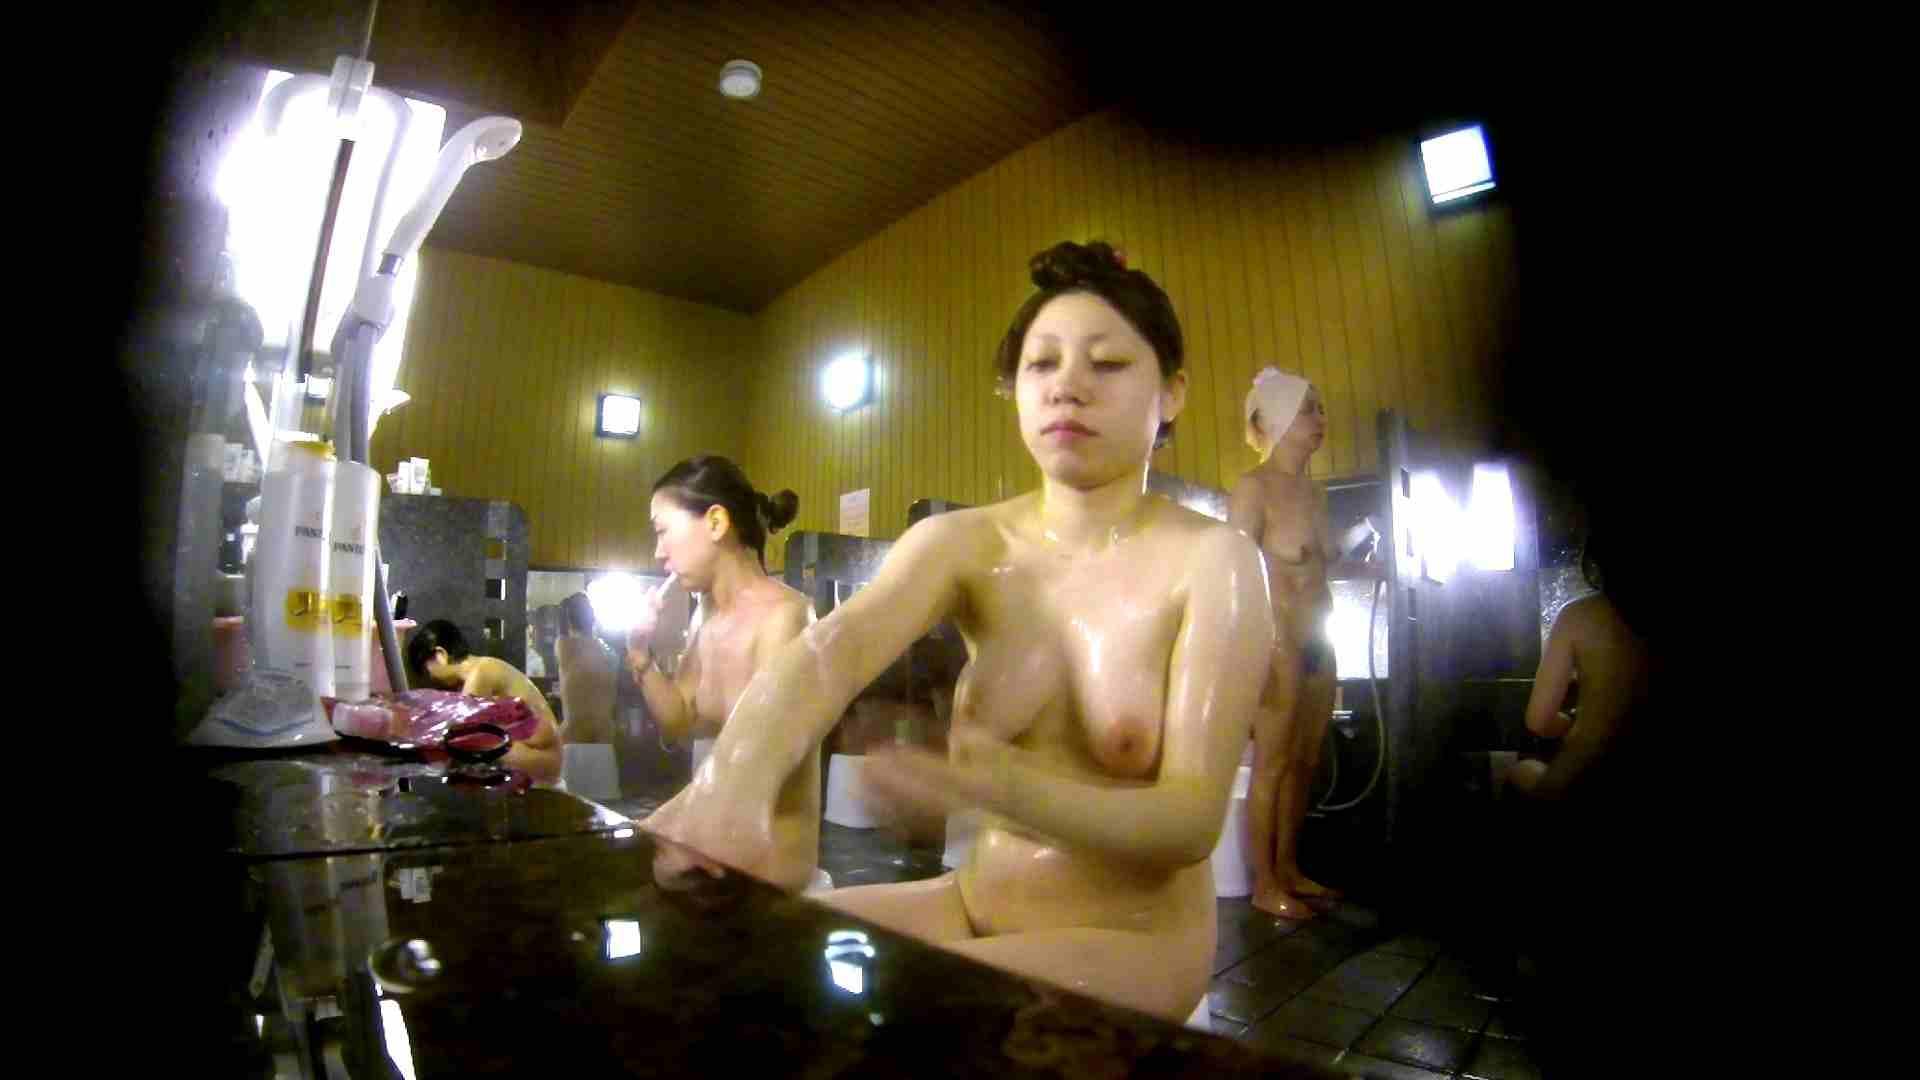 ヤリマンのオマンコ:洗い場!柔らかそうな身体は良いけど、歯磨きが下品です。:怪盗ジョーカー